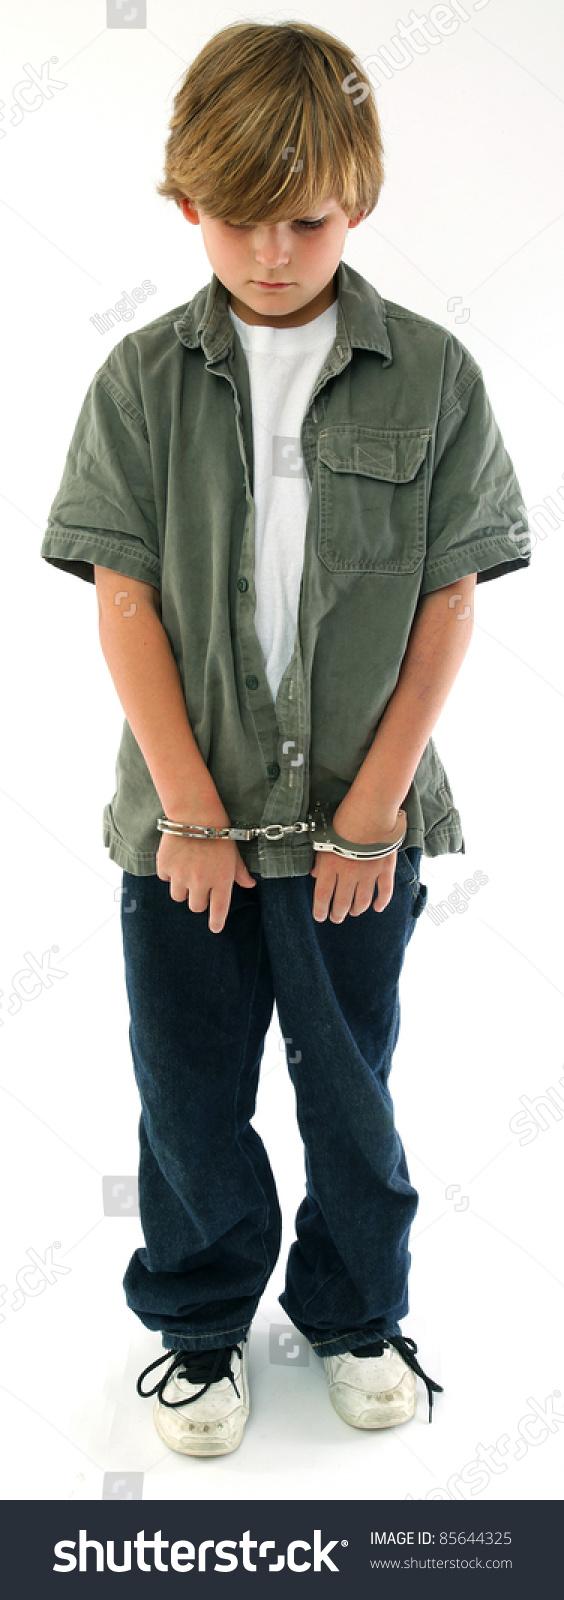 Handcuffs Boy Images Usseek Com